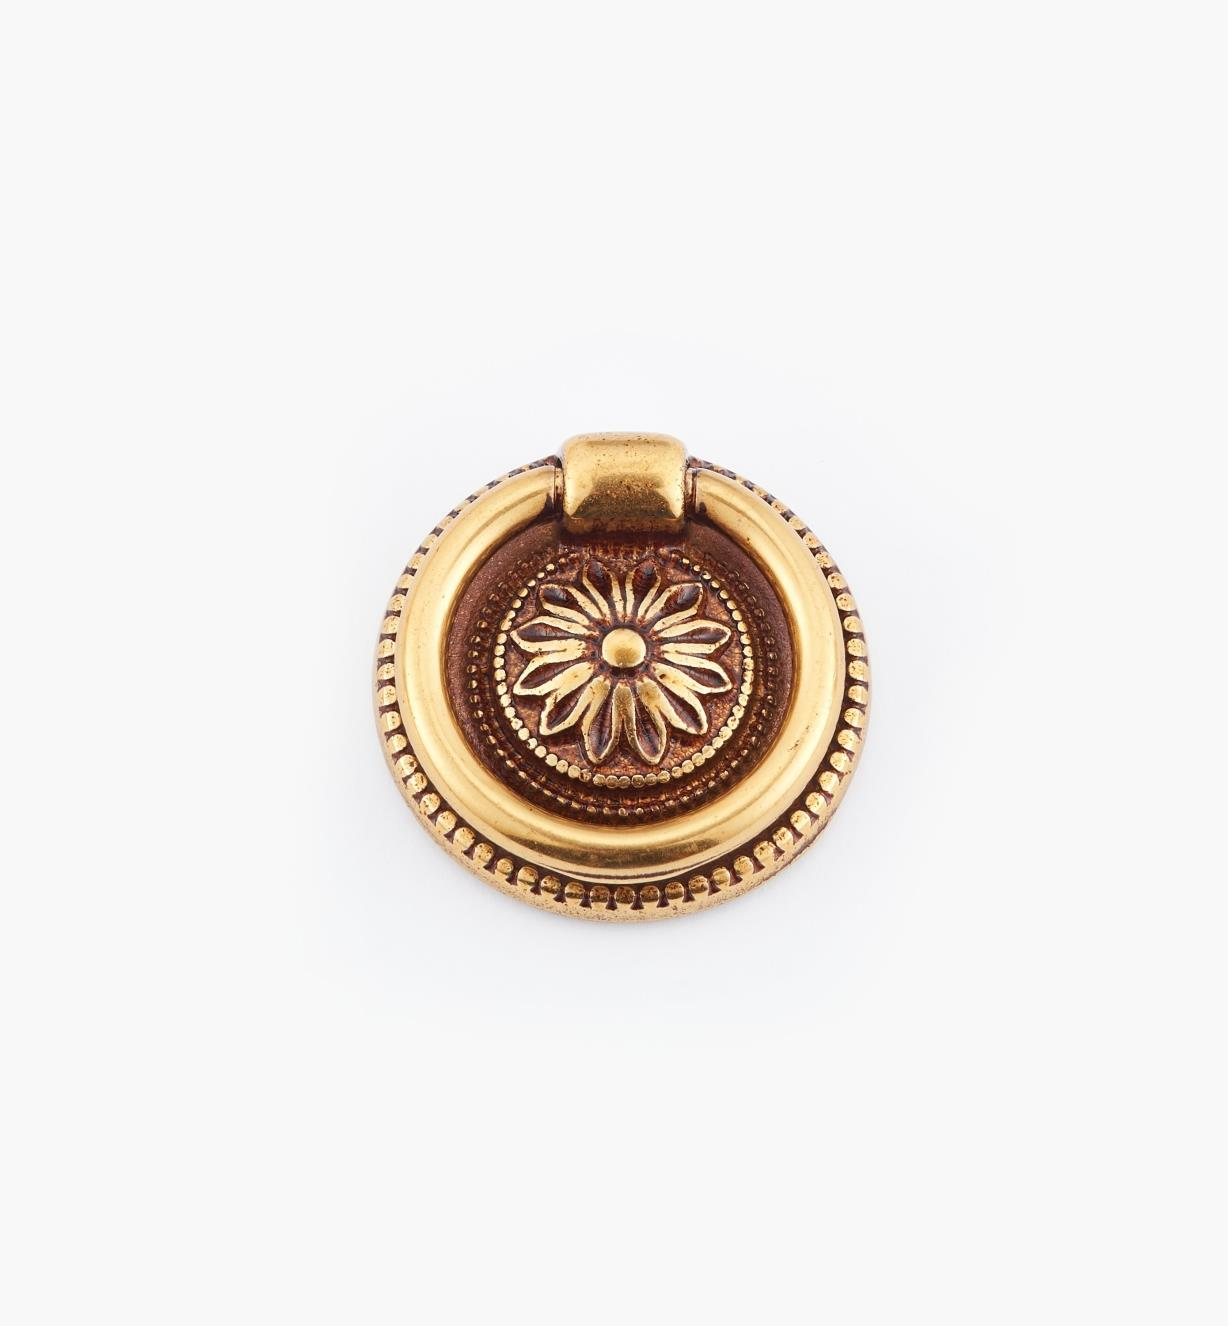 01A6460 - Poignée à anneau sur platine Louis XVI, bronze antique, 32mm